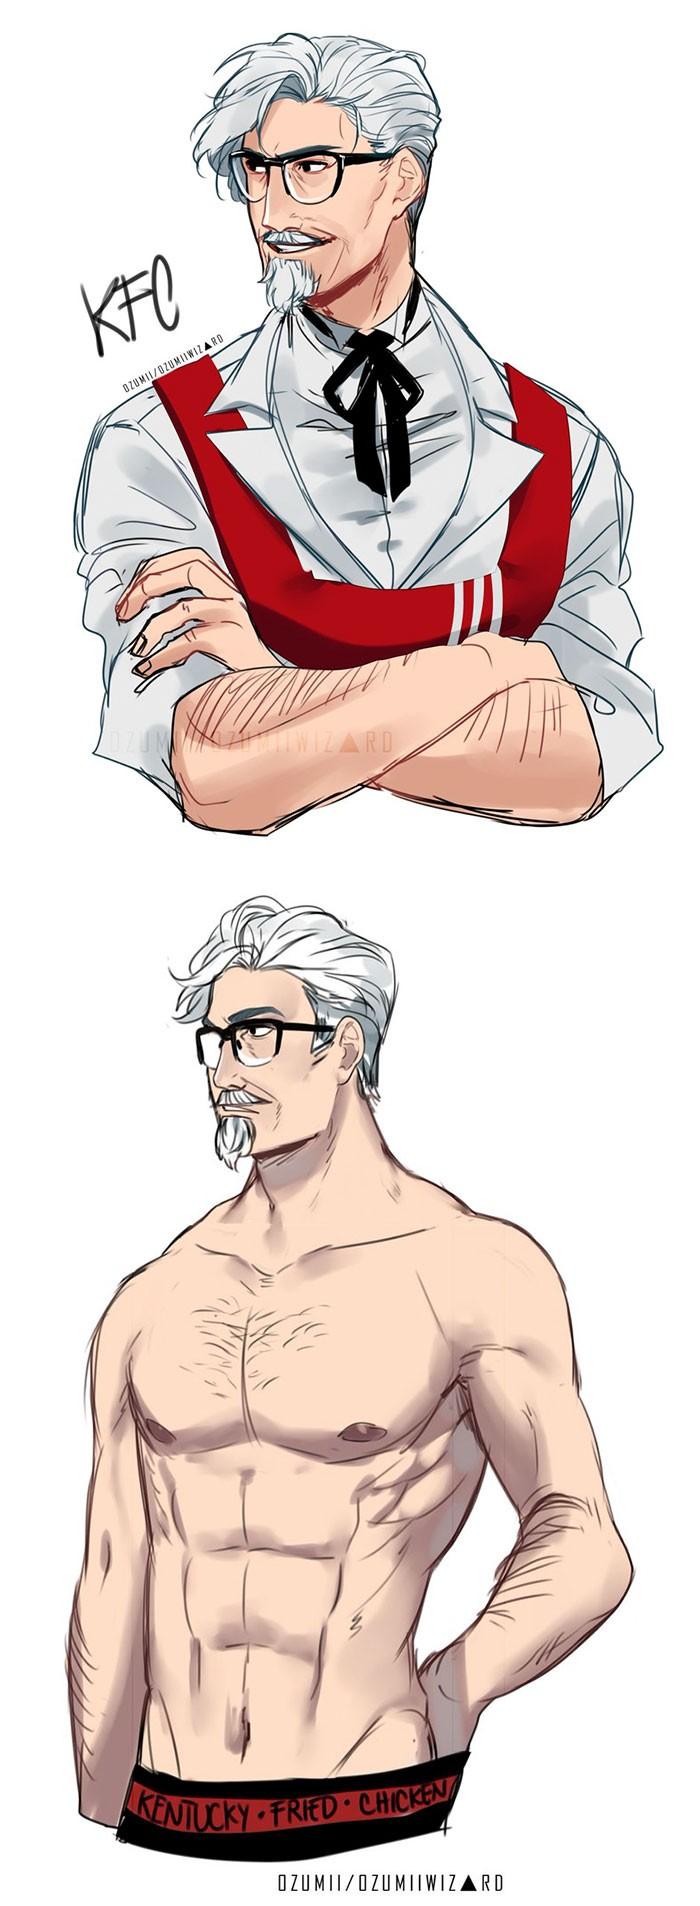 Ozumii Wizard membuat tokoh anime dari ikon-ikon resto fast food ternama. Salah satunya Colonel Sanders yang nampak gagah dengan perut sixpack meski rambutnya tetap berwarna putih.